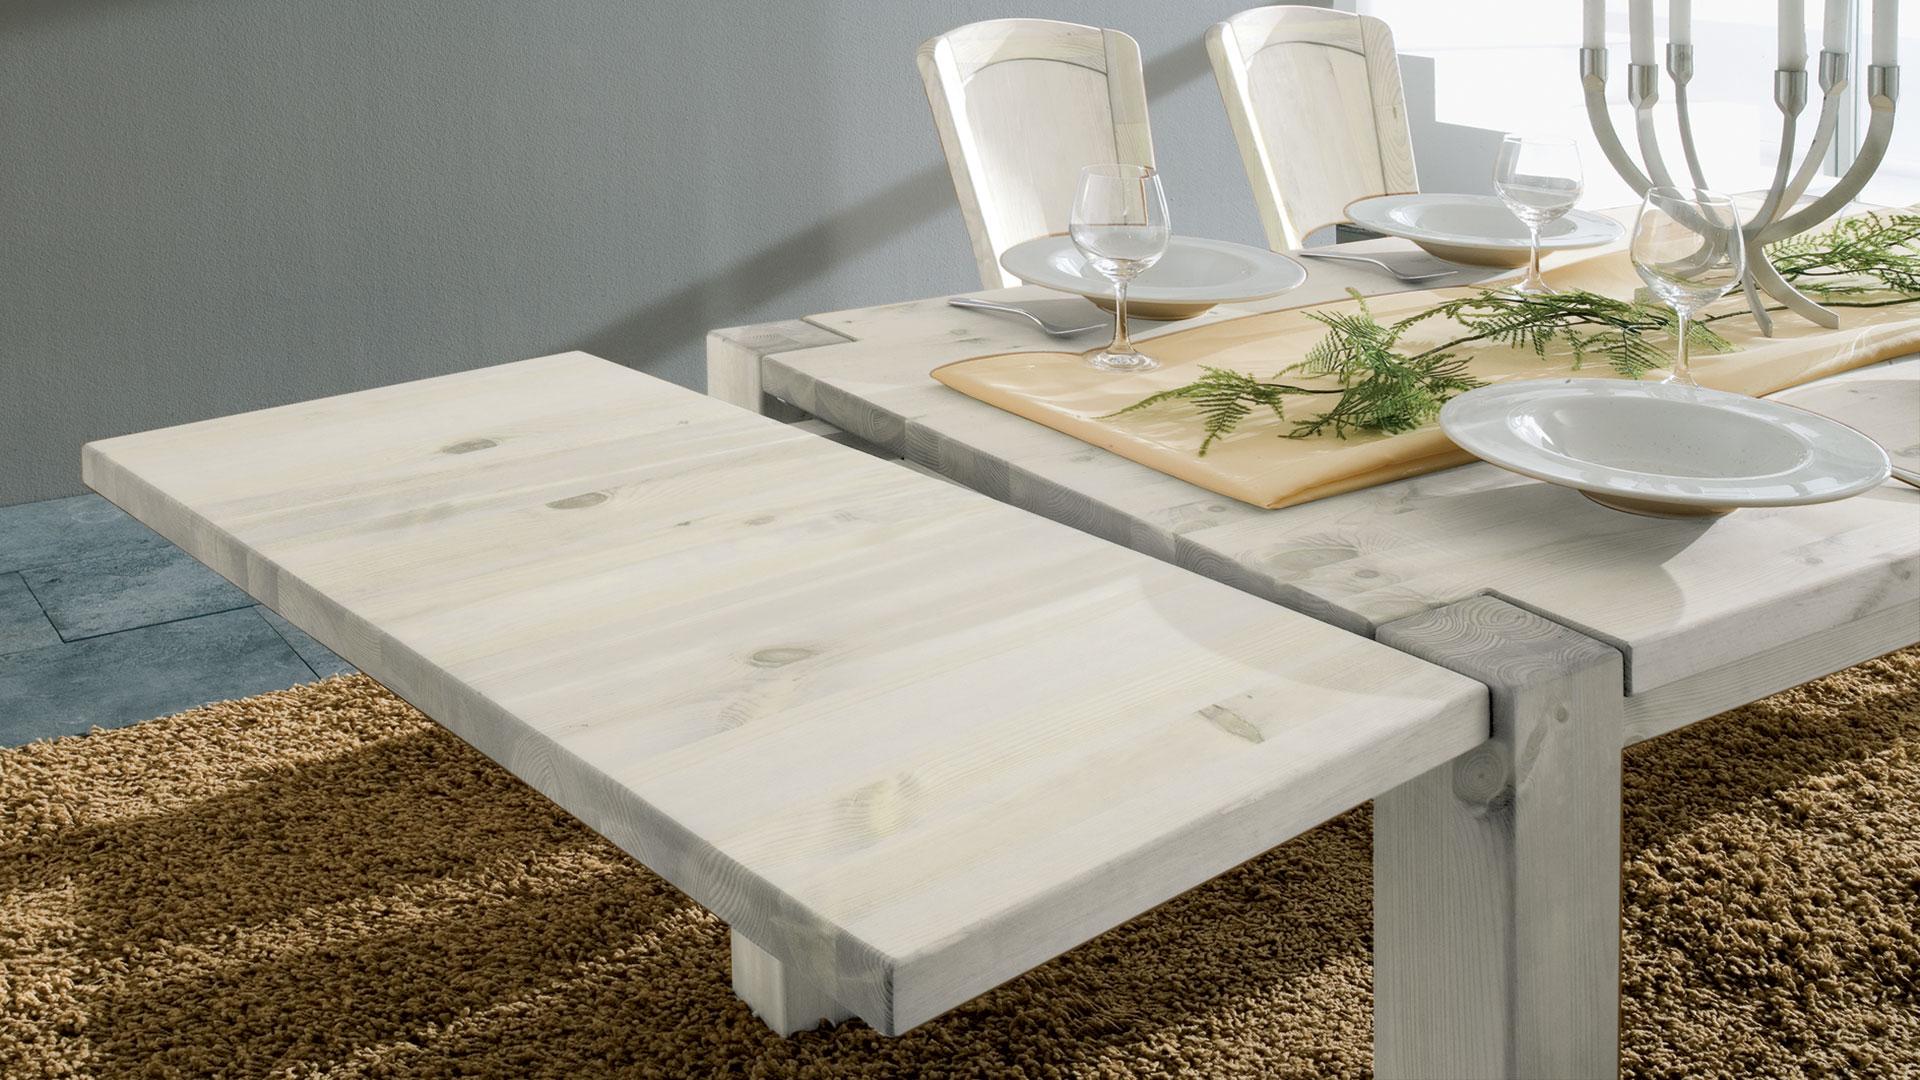 tischplatte wei holz. Black Bedroom Furniture Sets. Home Design Ideas